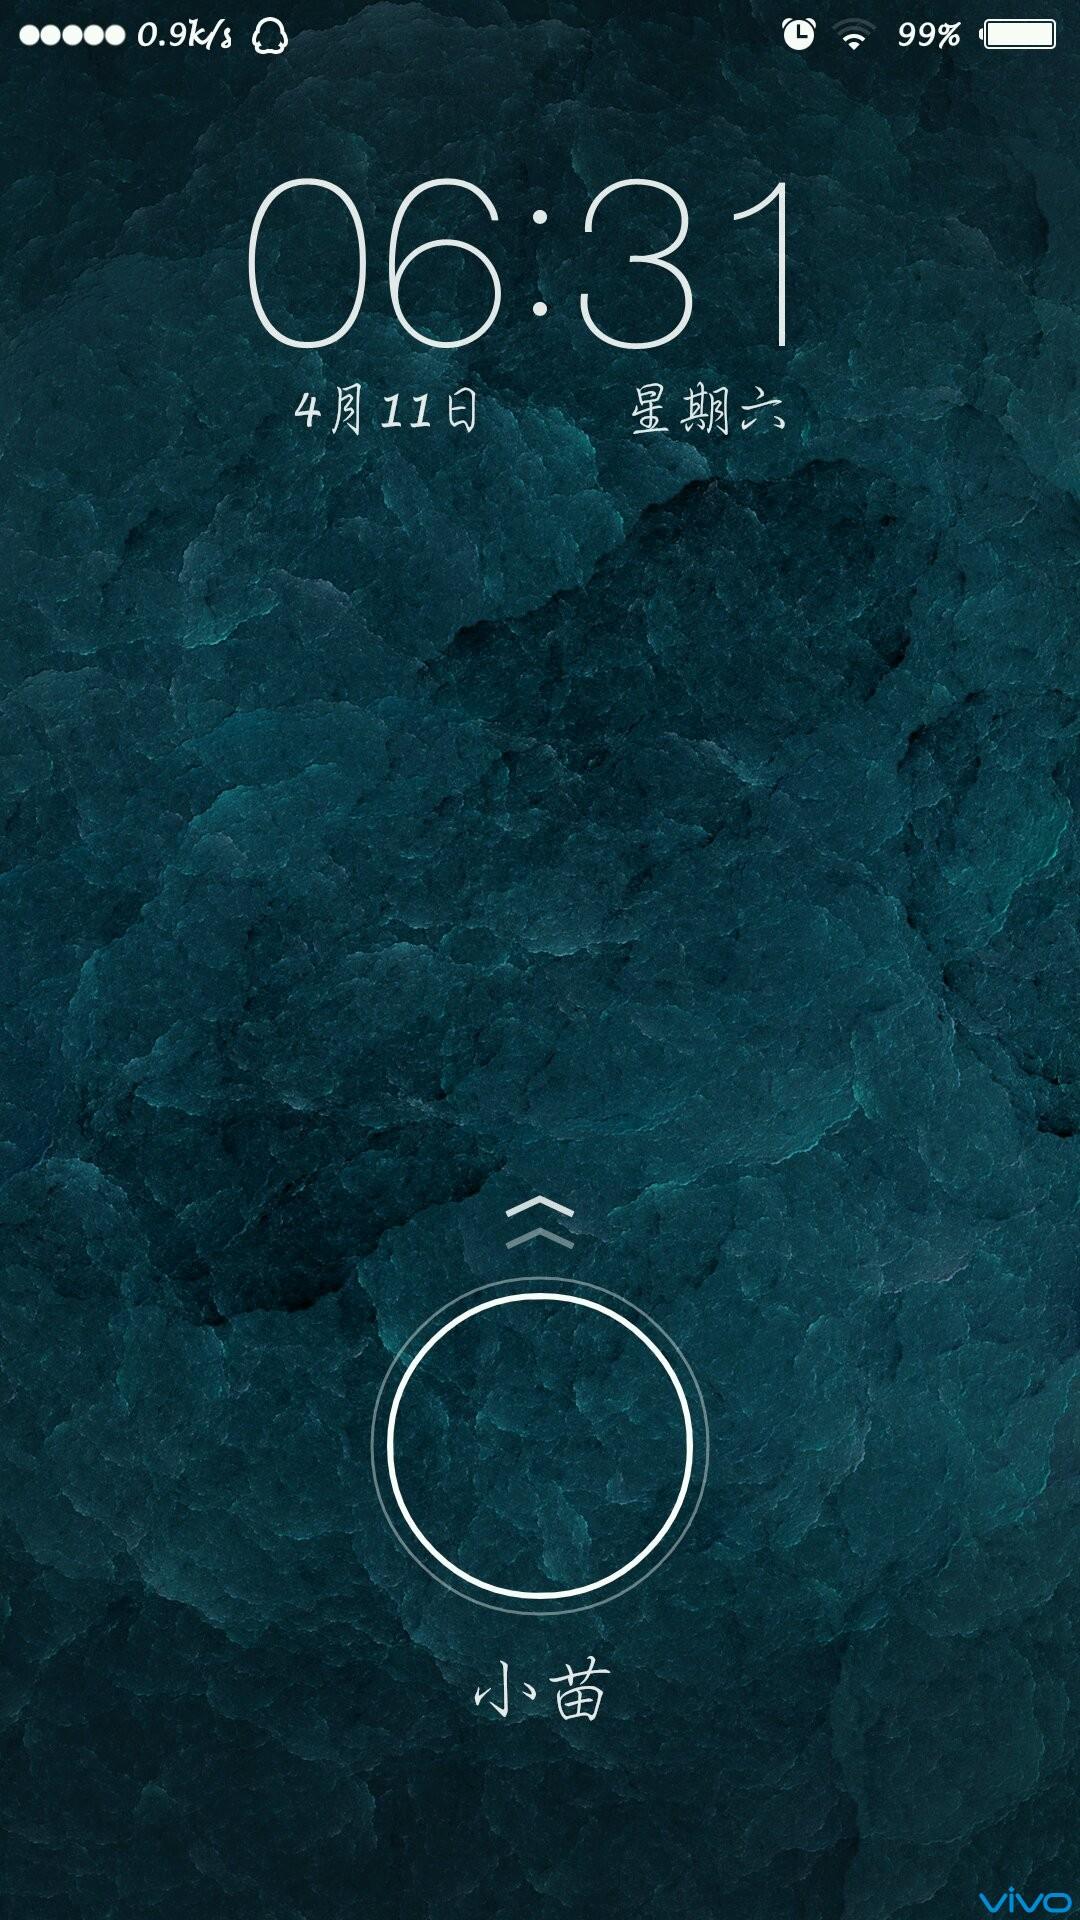 锁屏壁纸头像改透明-v粉家园-vivo智能手机v粉社区